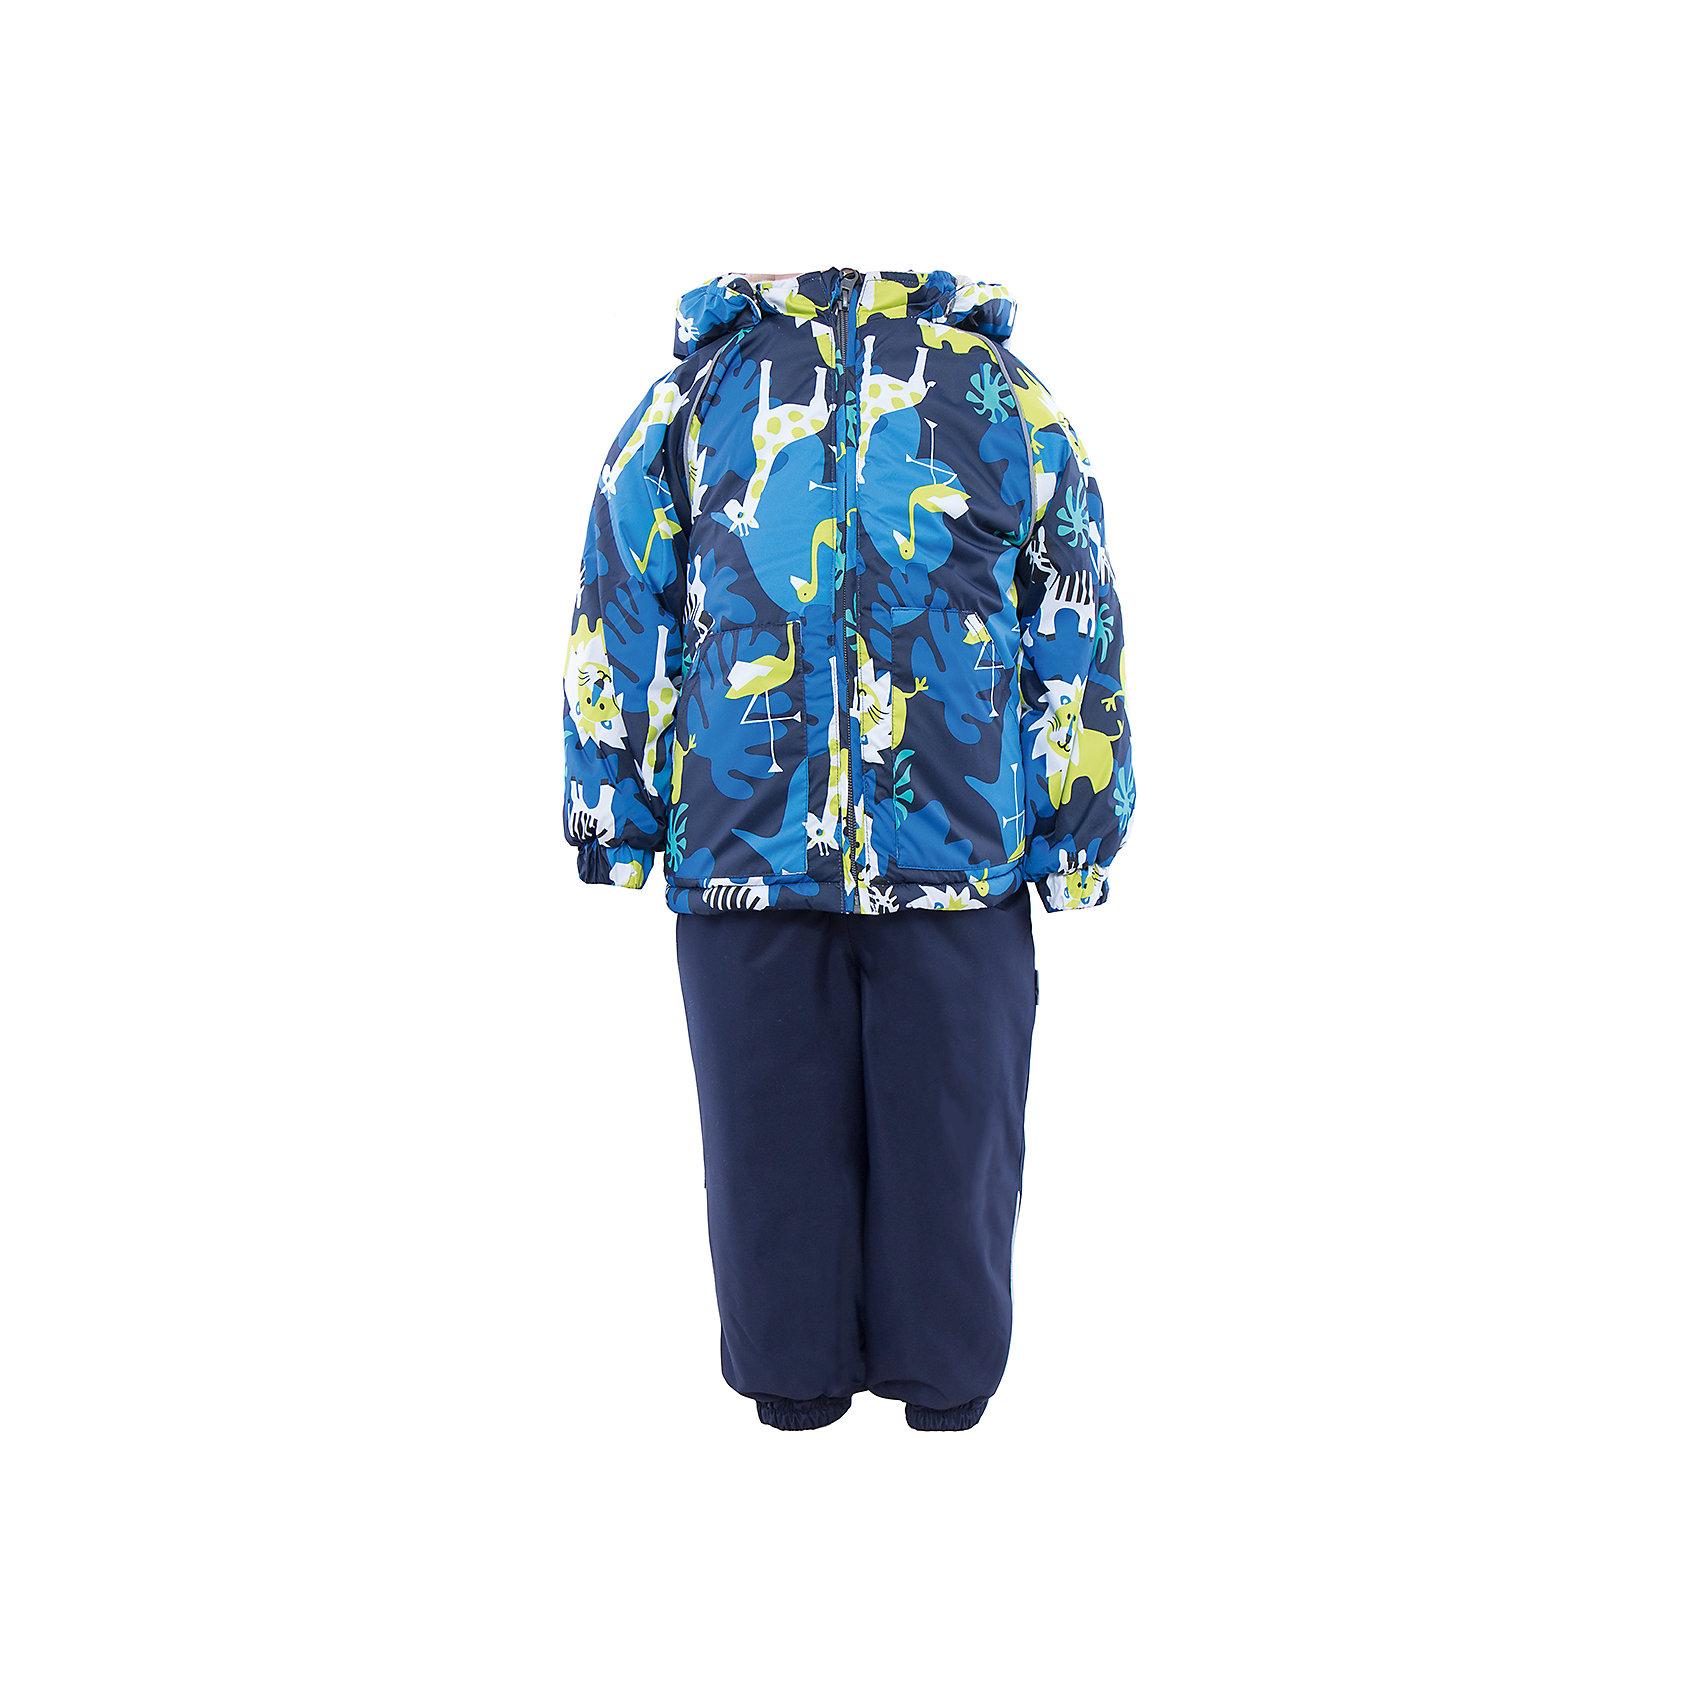 Комплект: куртка и полукомбинезон для мальчика  HuppaВерхняя одежда<br>Комплект из куртки и комбинезона AVERY1 Huppa(Хуппа).<br><br>Утеплитель: 100% полиэстер. Куртка – 300 гр., полукомбинезон – 160 гр.<br><br>Температурный режим: до -30 градусов. Степень утепления – высокая. <br><br>* Температурный режим указан приблизительно — необходимо, прежде всего, ориентироваться на ощущения ребенка. Температурный режим работает в случае соблюдения правила многослойности – использования флисовой поддевы и термобелья.<br><br>Отлично подойдет для зимних прогулок. Комбинезон имеет подтяжки и резинки на талии и манжетах. Куртка с капюшоном и резинками на манжетах имеет необычный дизайн и принт со зверюшками.<br><br>Особенности:<br>-плотная дышащая и водоотталкивающая мембрана<br>-водонепроницаемый<br>-мягкая фланелевая подкладка<br>-водостойкая лента на швах<br>-высокая прочность<br>-светоотражающие элементы<br>-съемный капюшон (мех не отстегивается)<br><br>Дополнительная информация:<br>Материал: 100% полиэстер<br>Подкладка: фланель - 100% хлопок<br>Цвет: синий/темно-синий<br><br>Вы можете приобрести комплект AVERY1 Huppa(Хуппа) в нашем интернет-магазине.<br><br>Ширина мм: 356<br>Глубина мм: 10<br>Высота мм: 245<br>Вес г: 519<br>Цвет: синий<br>Возраст от месяцев: 12<br>Возраст до месяцев: 15<br>Пол: Мужской<br>Возраст: Детский<br>Размер: 80,104,86,92,98<br>SKU: 4928810